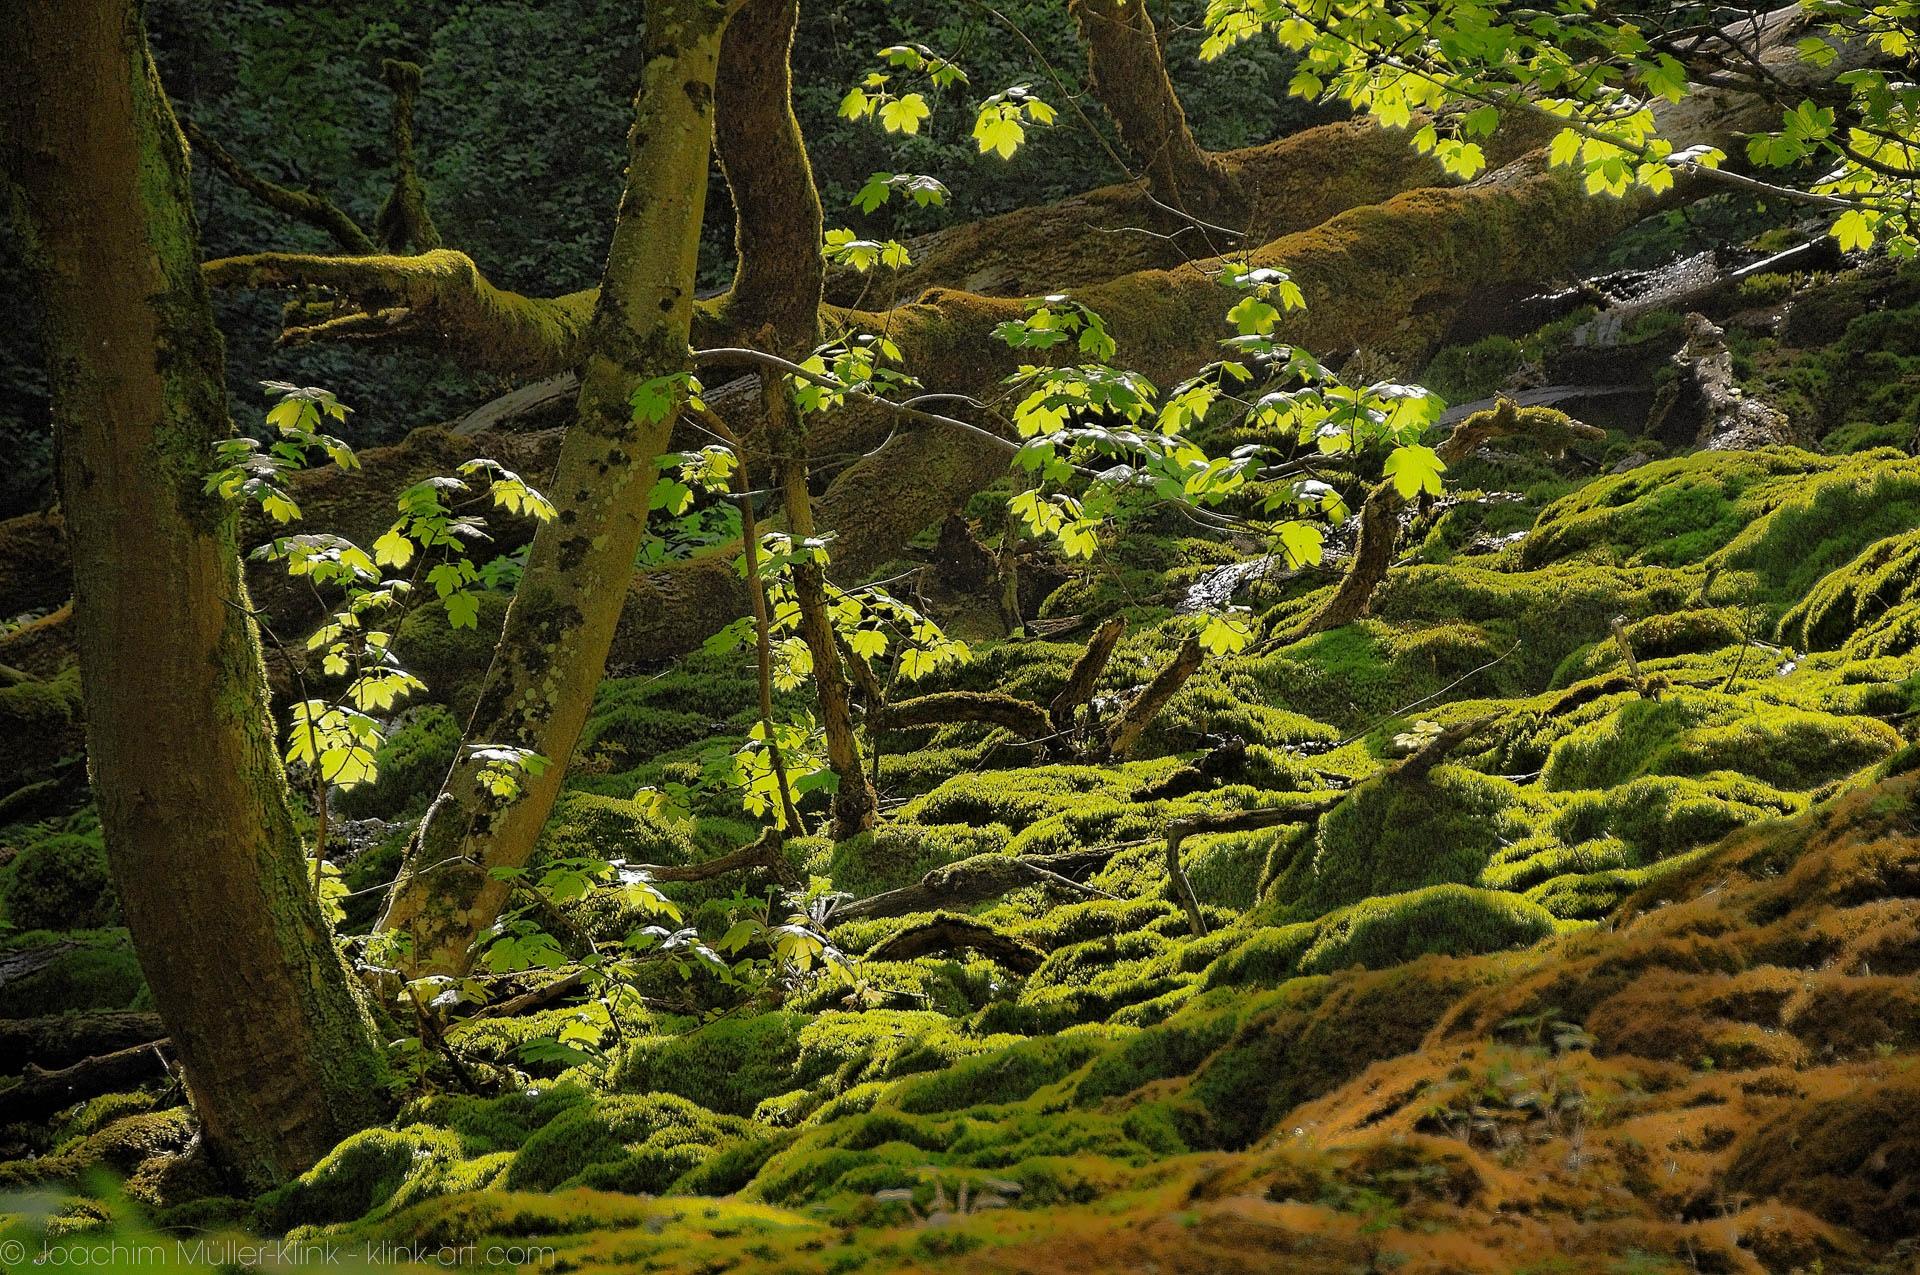 Umgestürze Bäume in einem Bett aus Moos - Fallen trees in a bed of moss